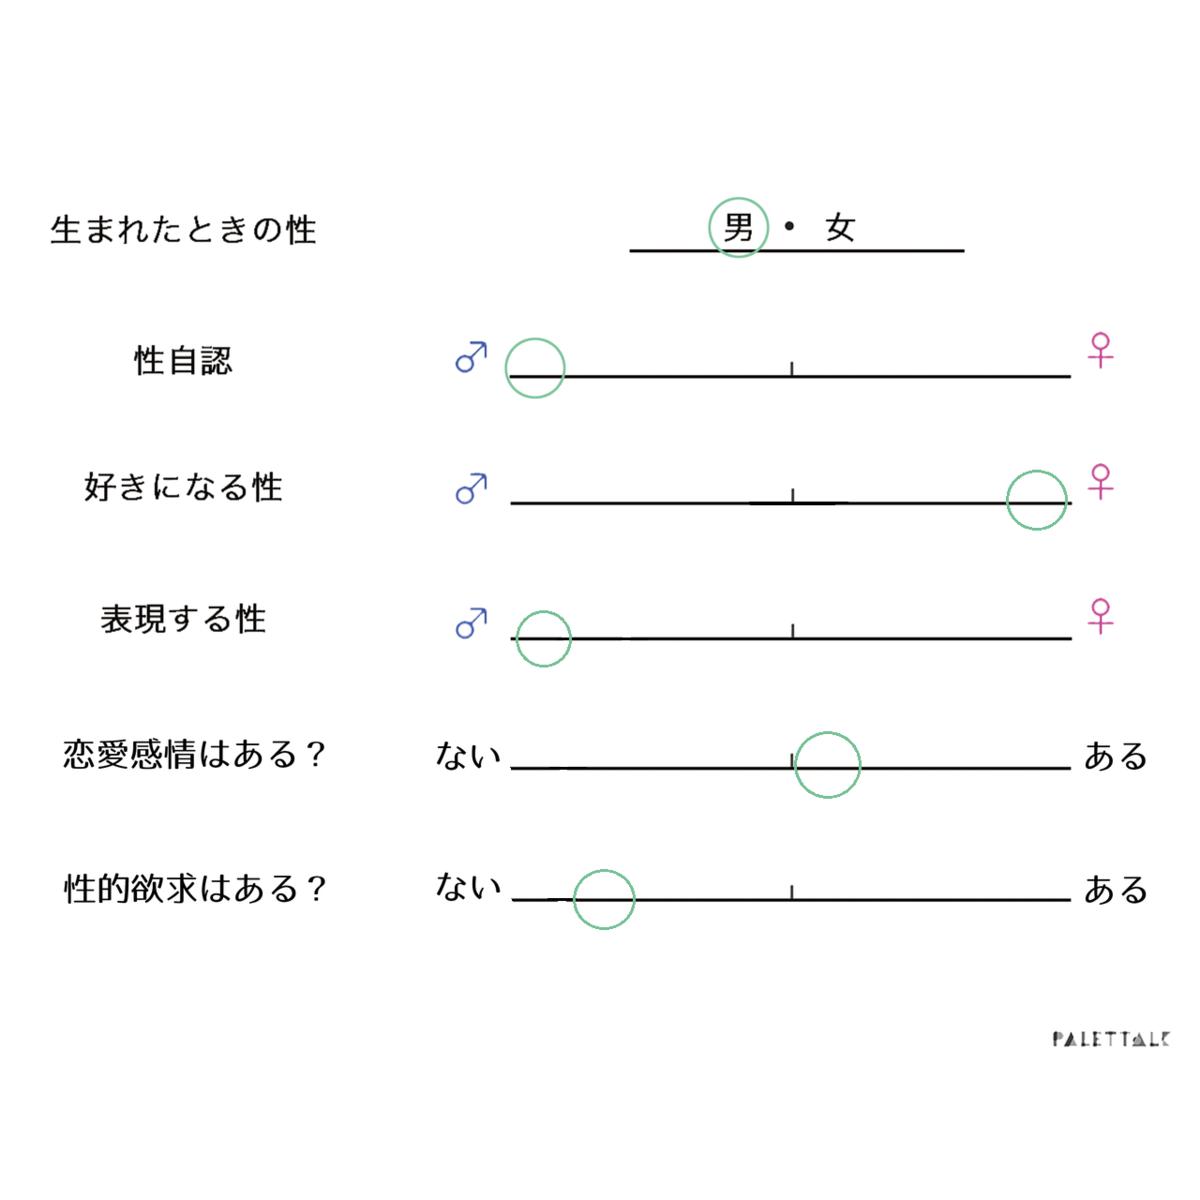 f:id:sehaku:20200527220643p:plain